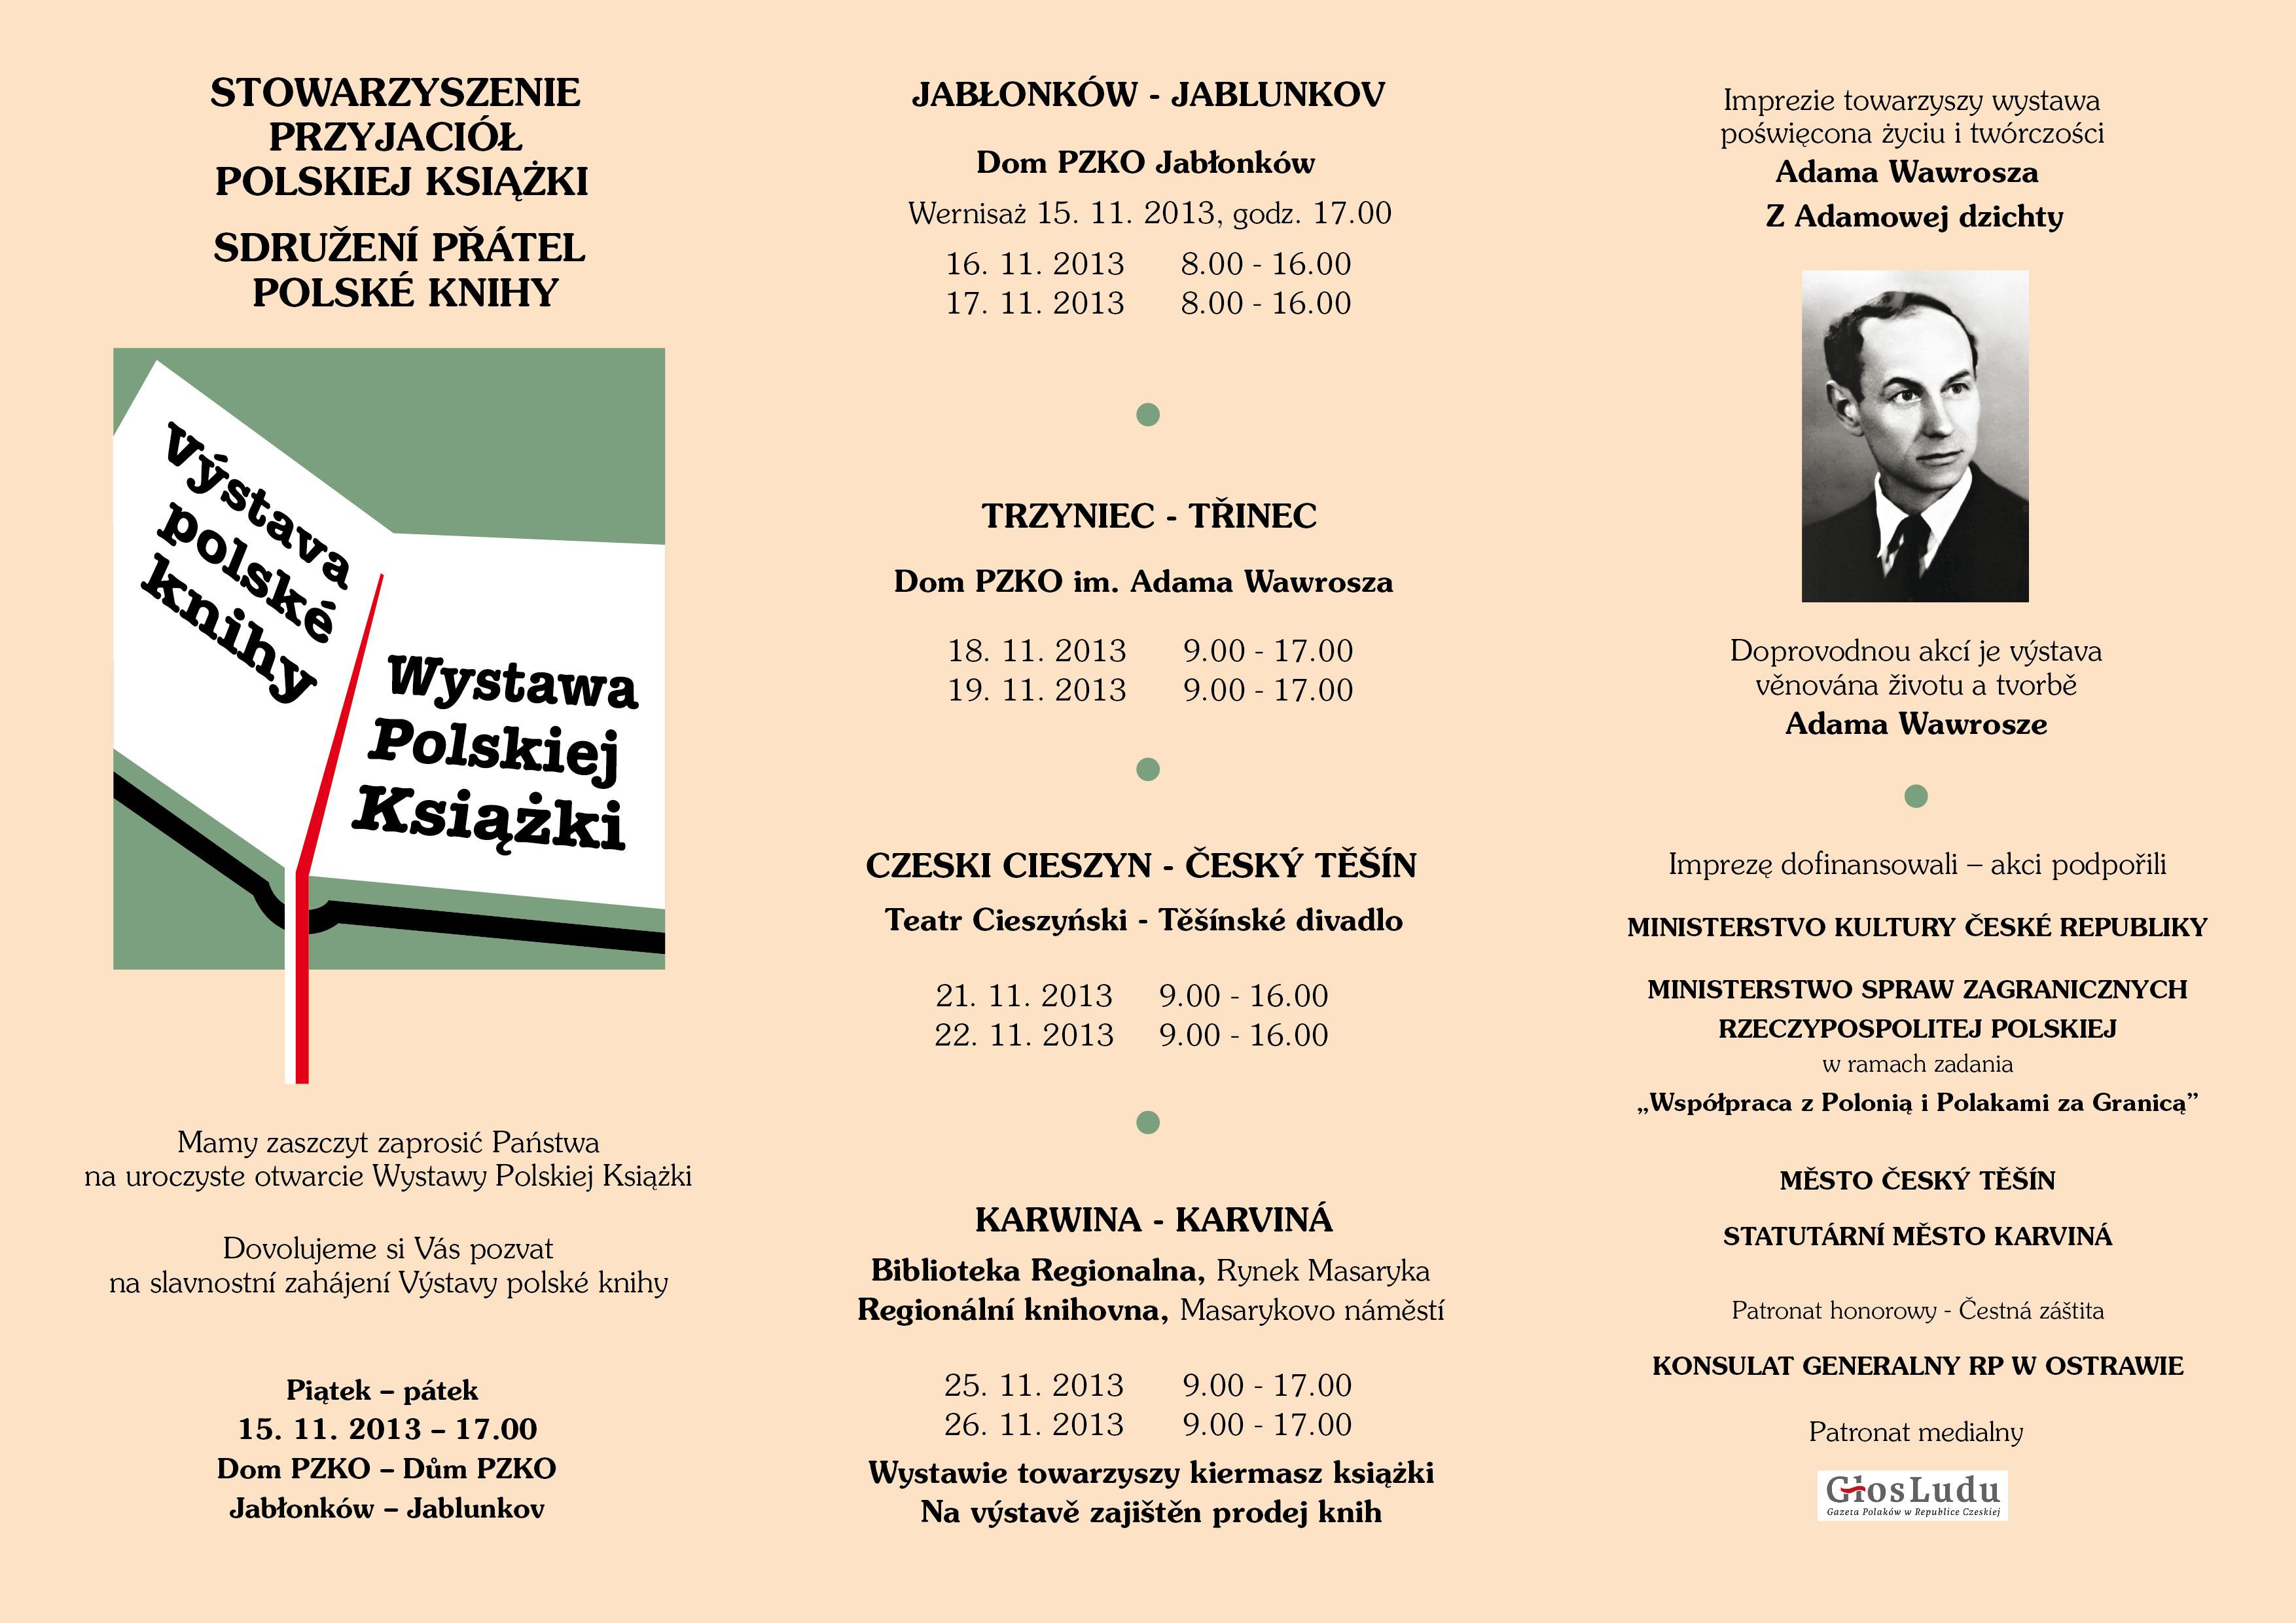 Wystawa Polskiej Książki